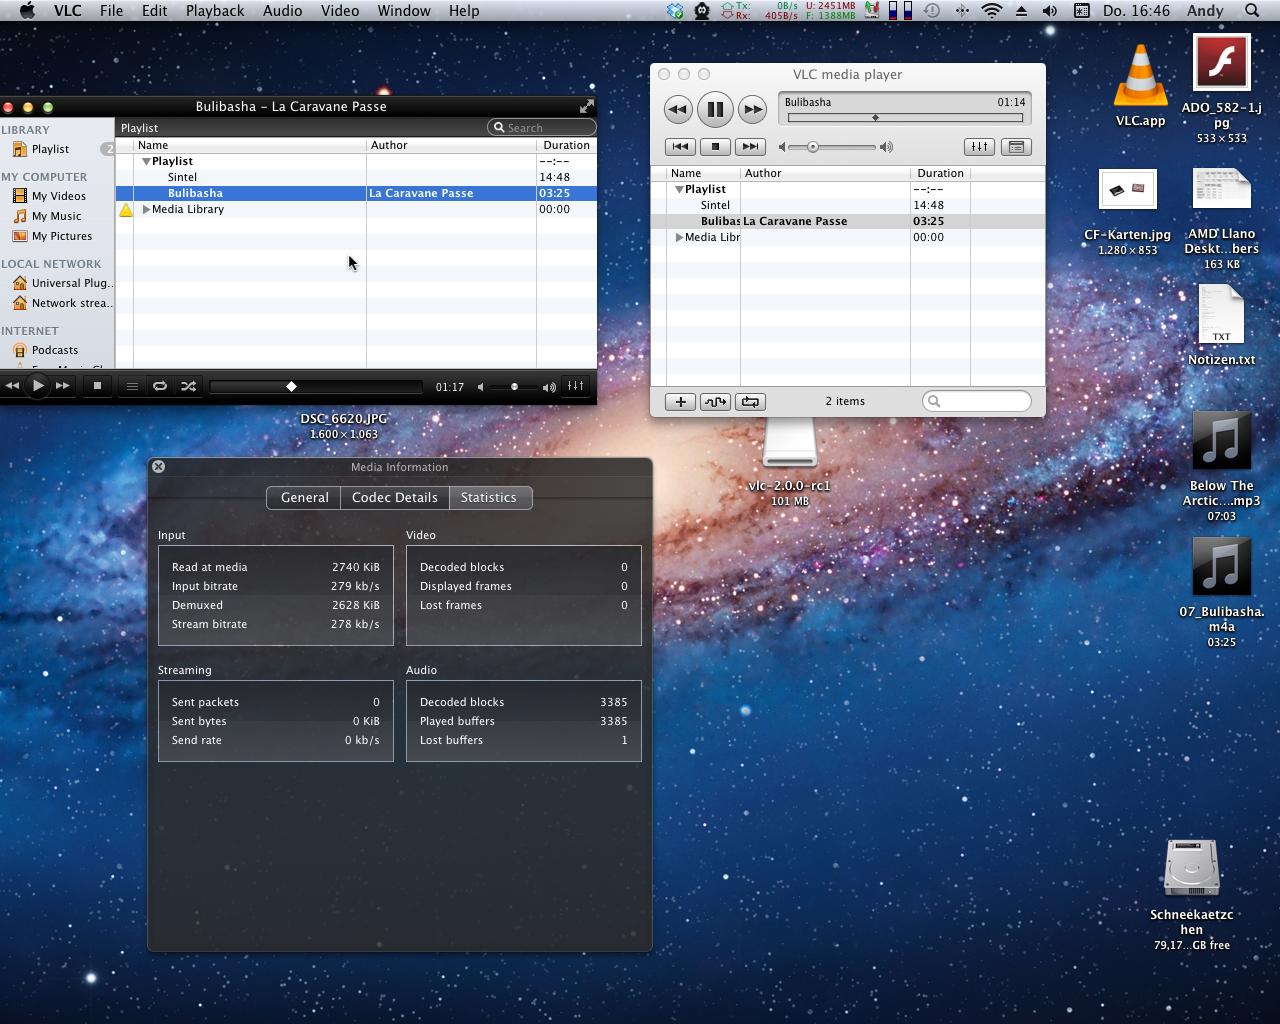 Mediaplayer: VLC 2.0 als Release Candidate erschienen - VLC 2 RC1 (l.) und VLC 1 (r.) im Vergleich (Screenshots: Golem.de)